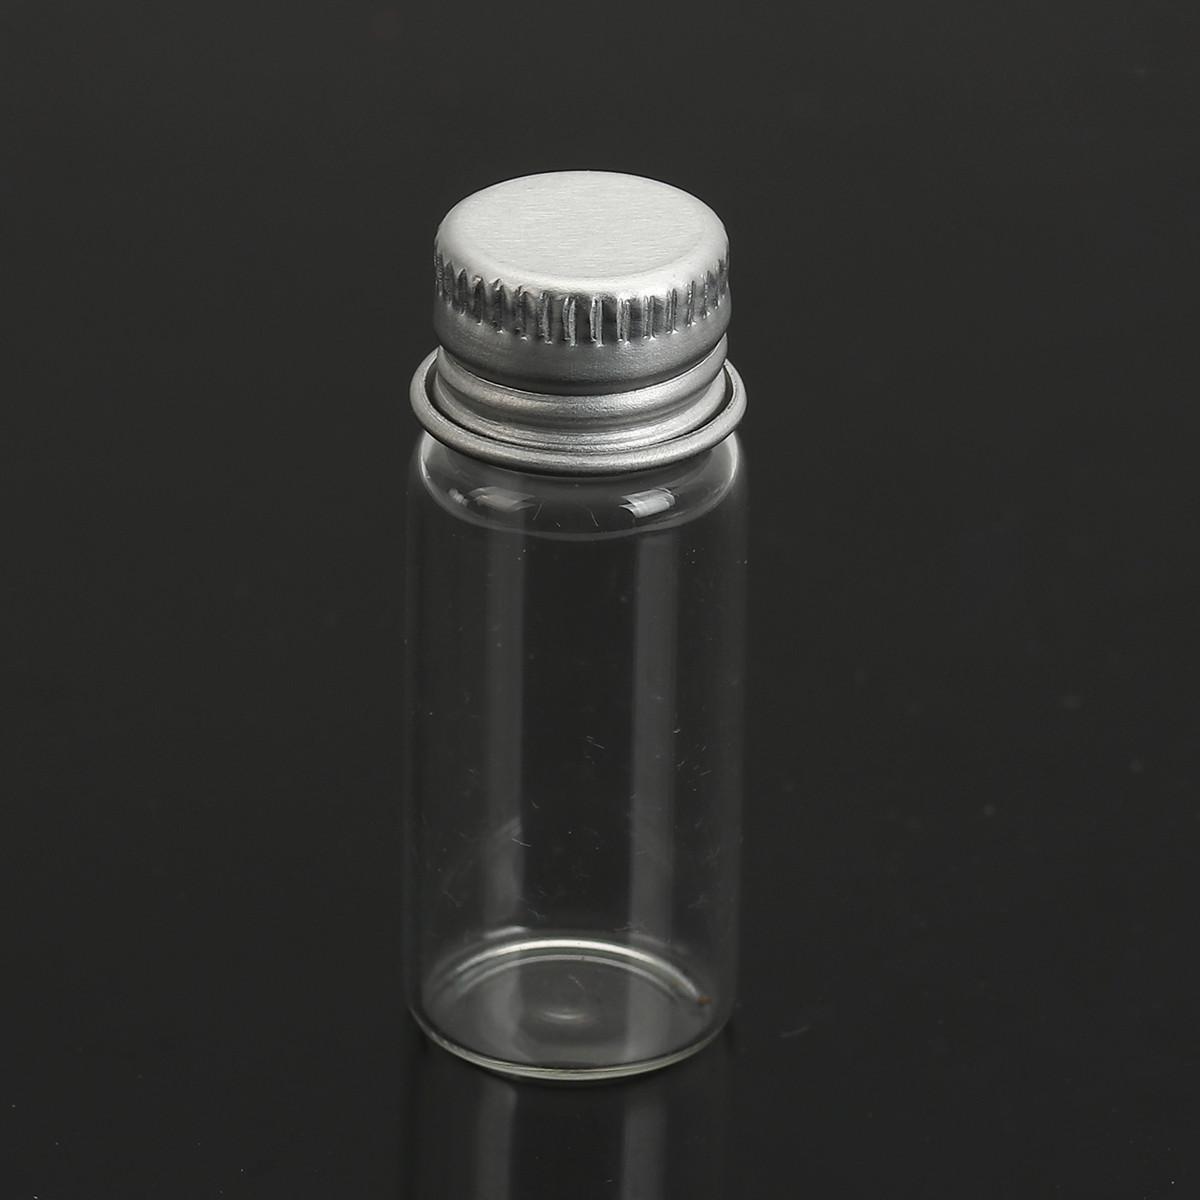 Циліндрична пляшка + Кришка Скляна, Прозора, 41 мм x 16 мм